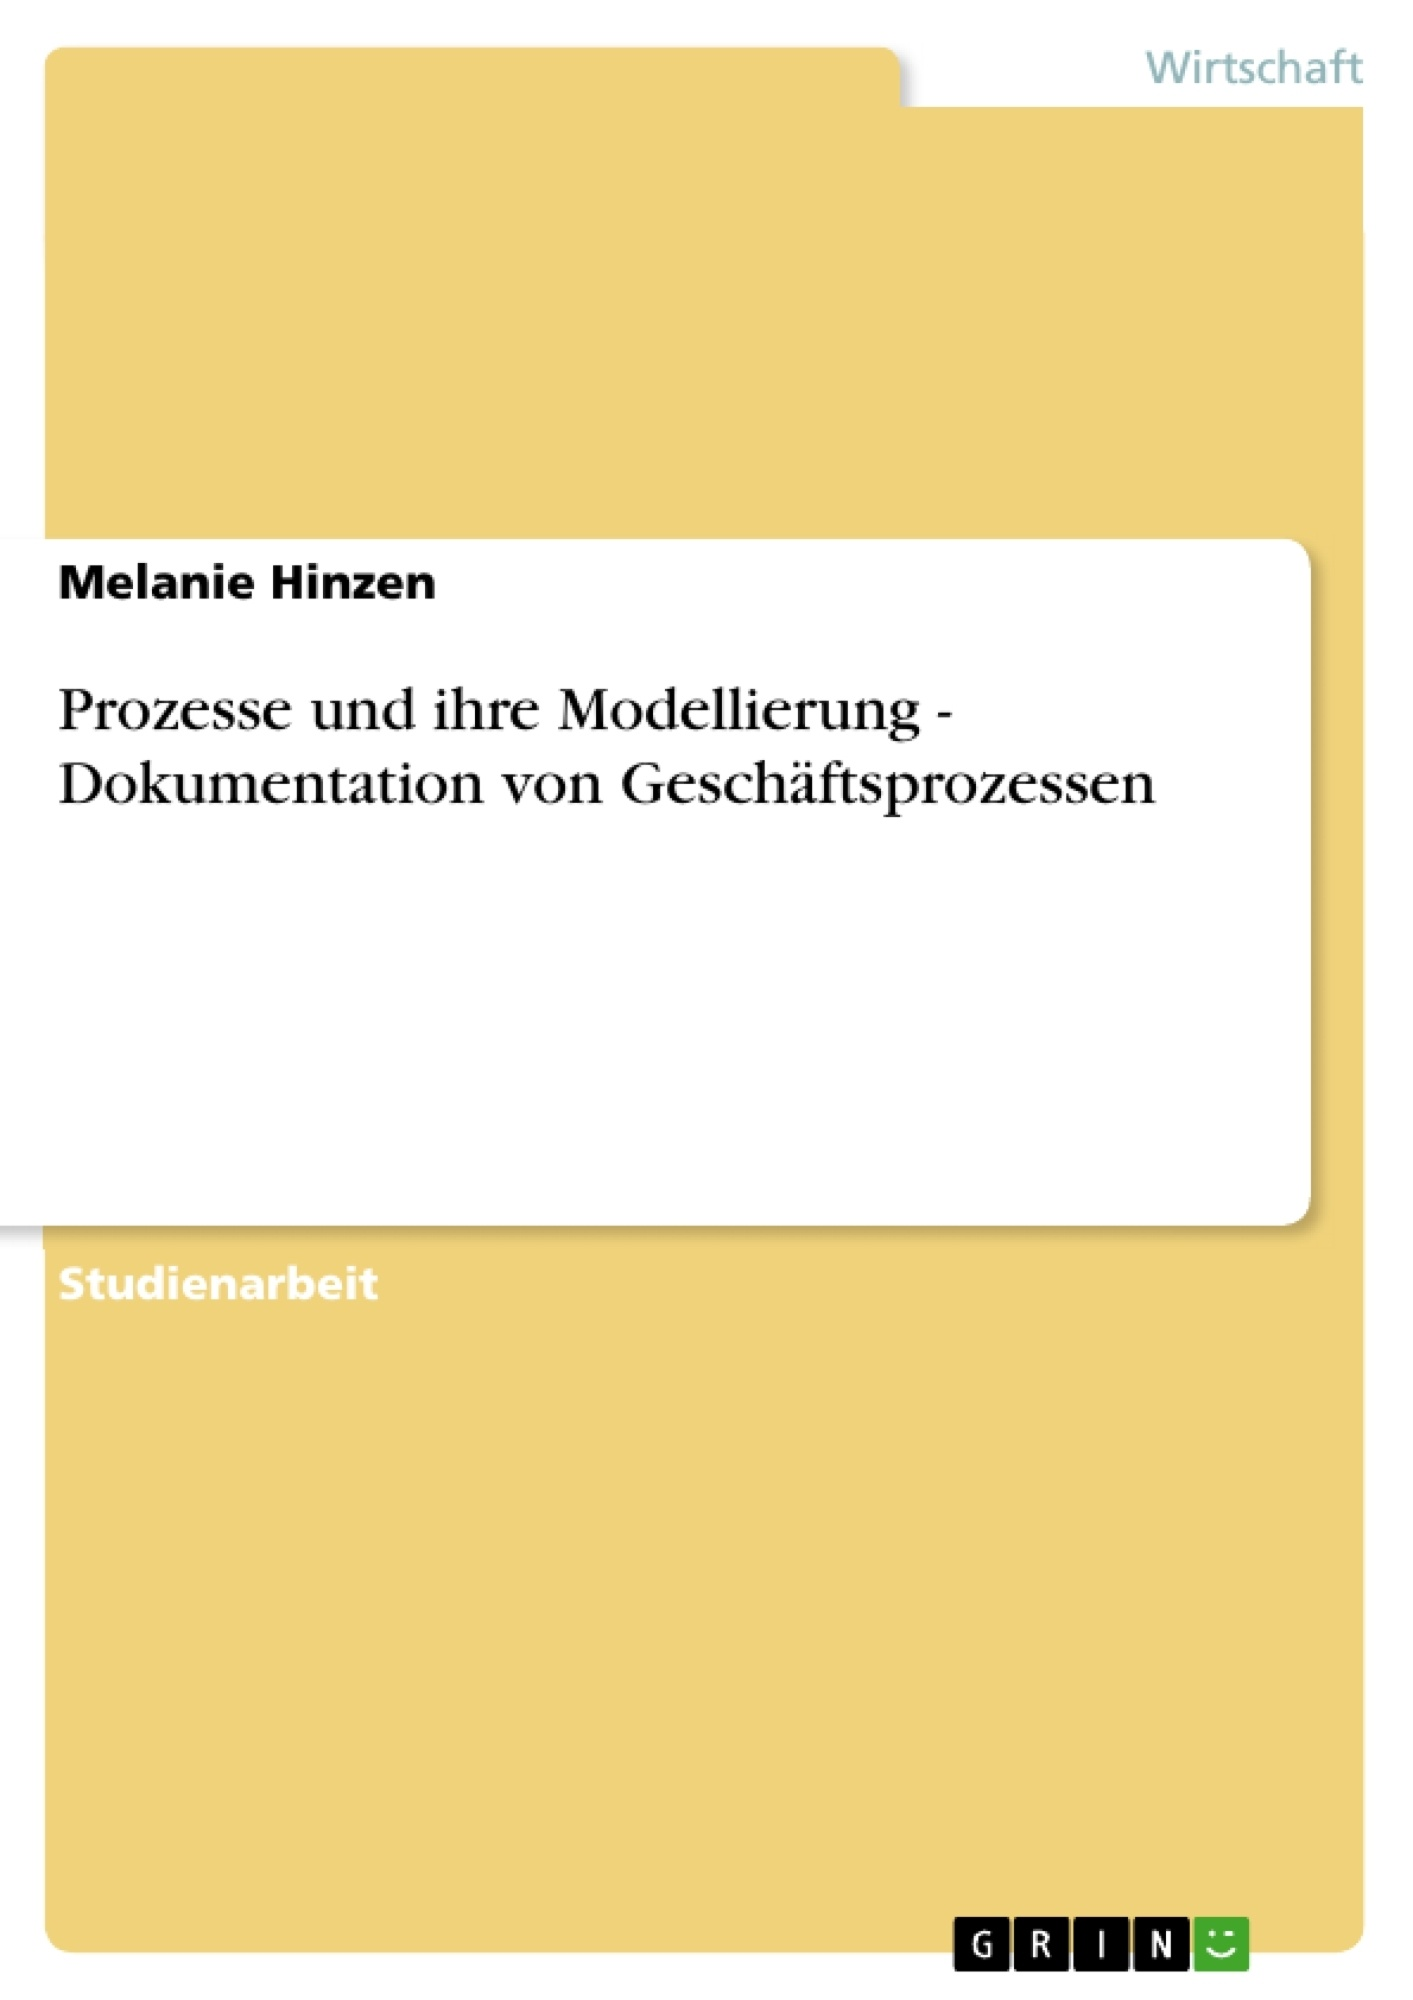 Titel: Prozesse und ihre Modellierung - Dokumentation von Geschäftsprozessen